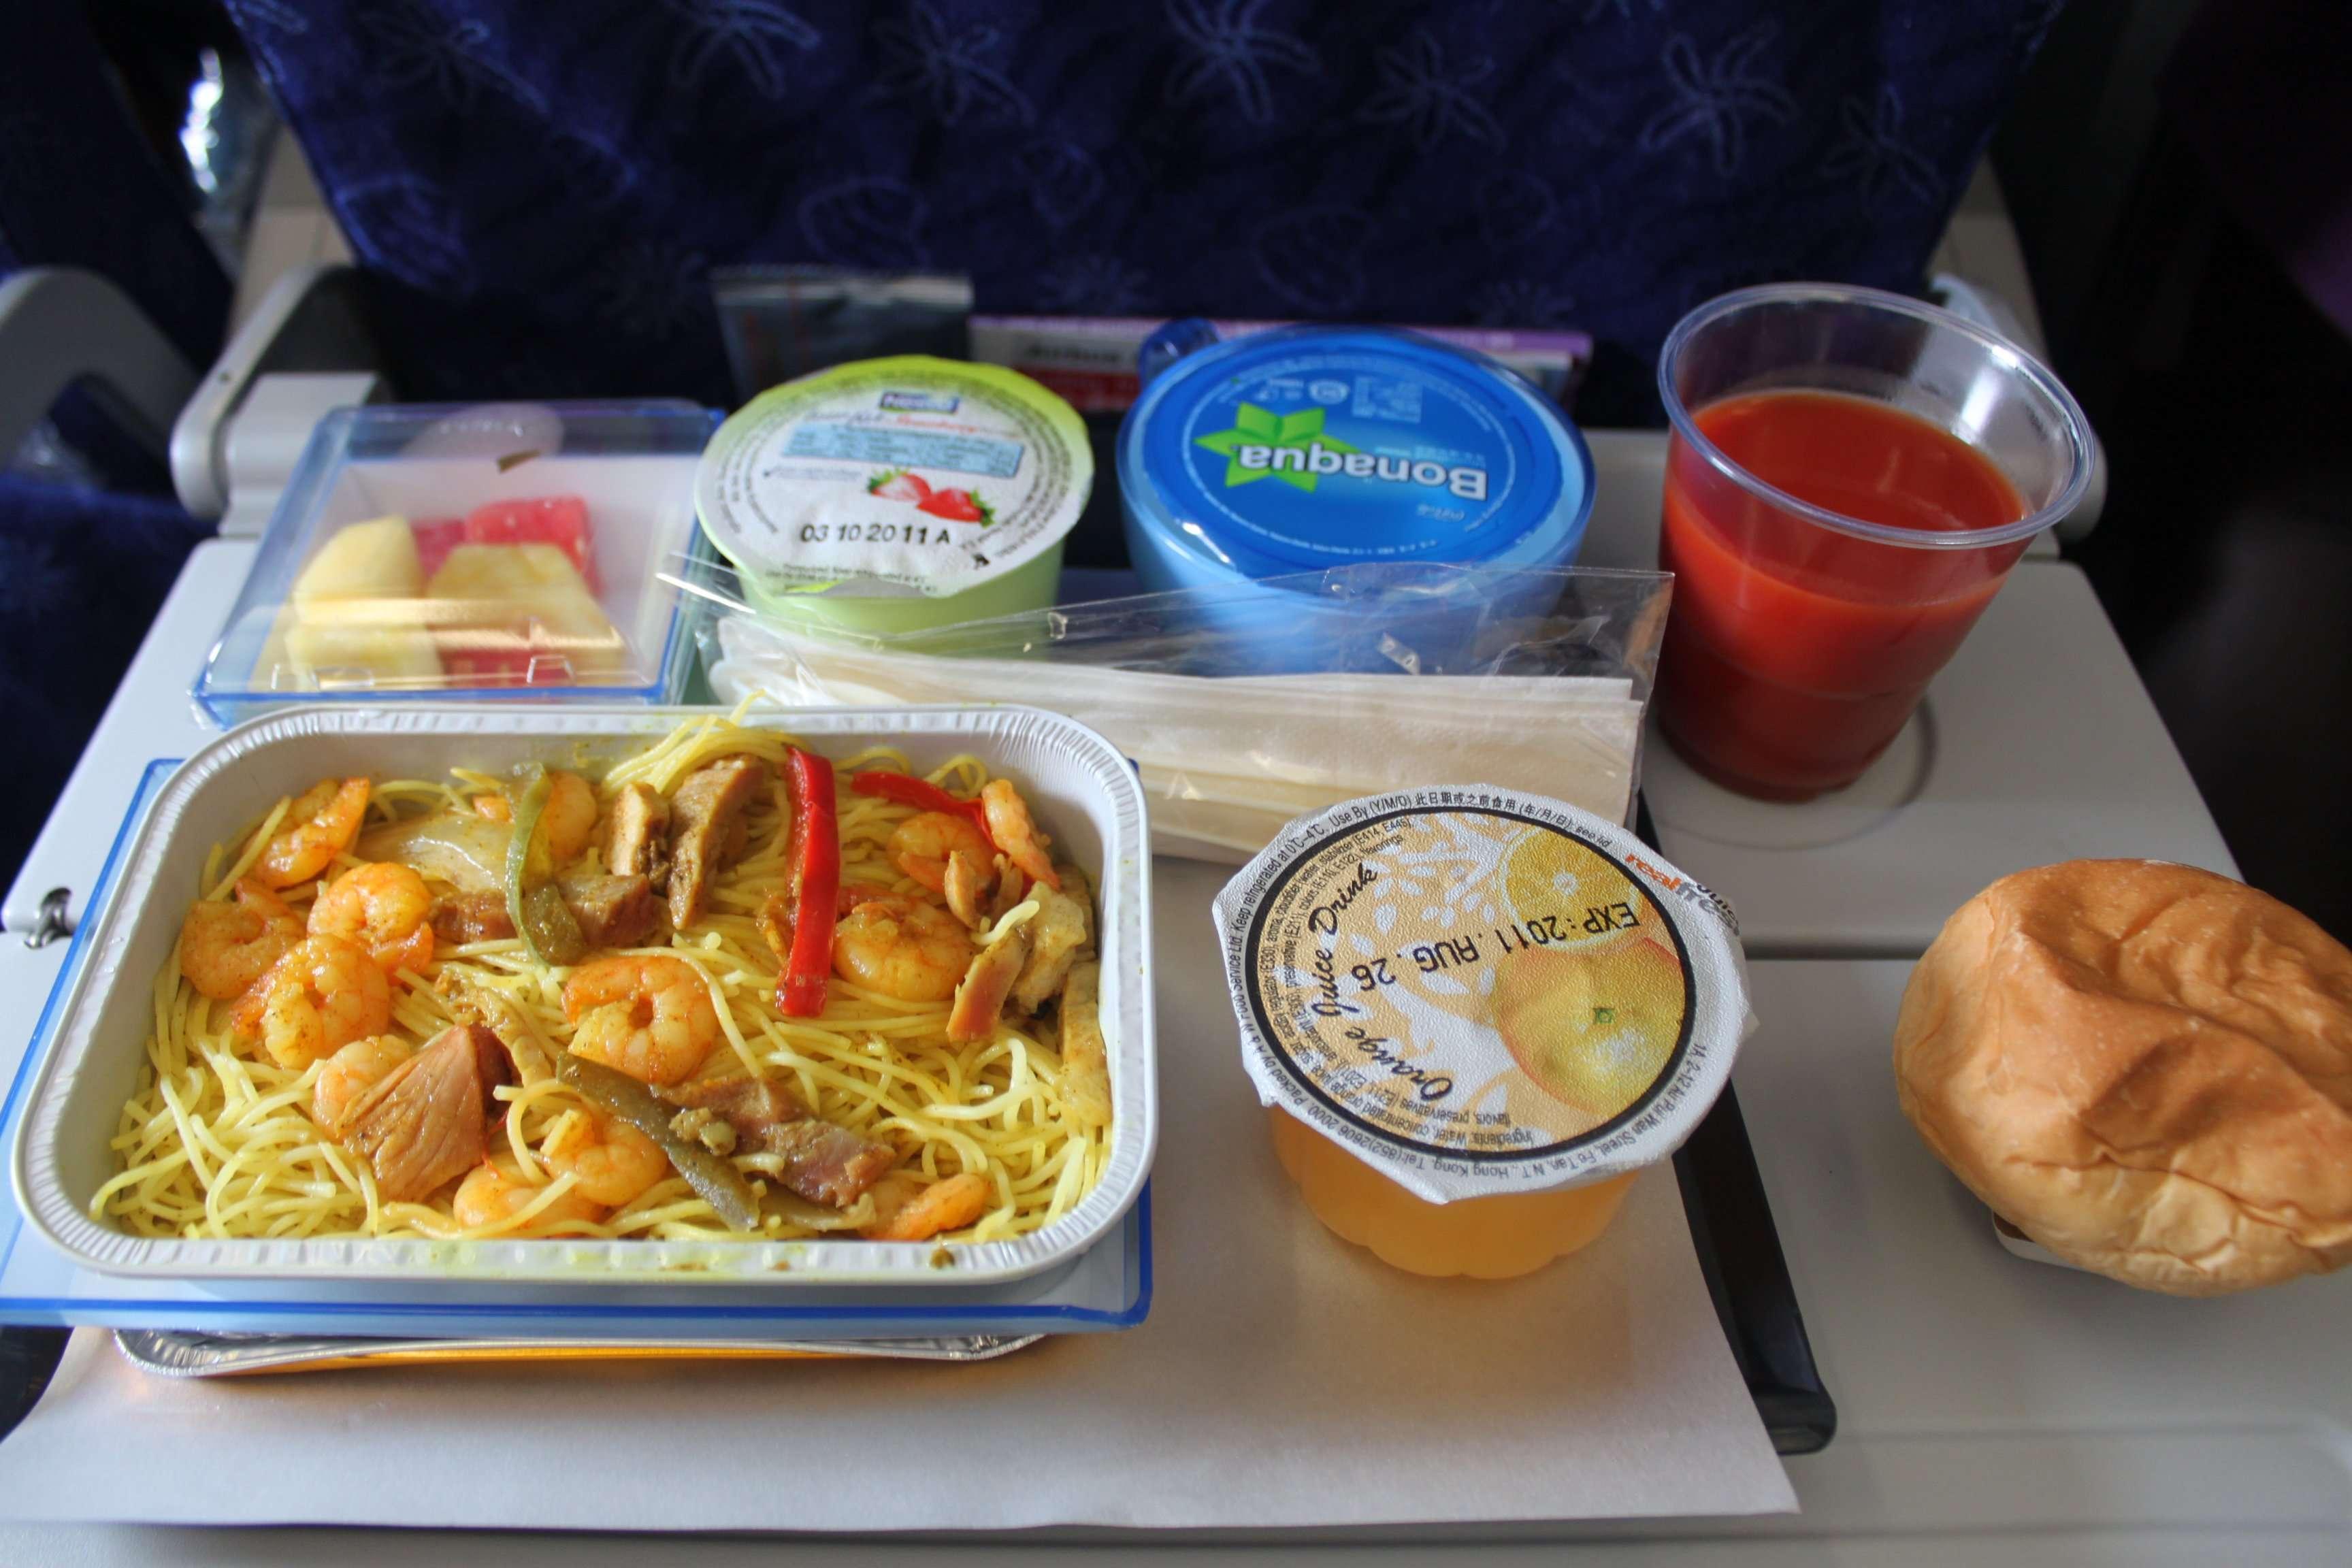 总体来说香港航空的飞机餐还是比较